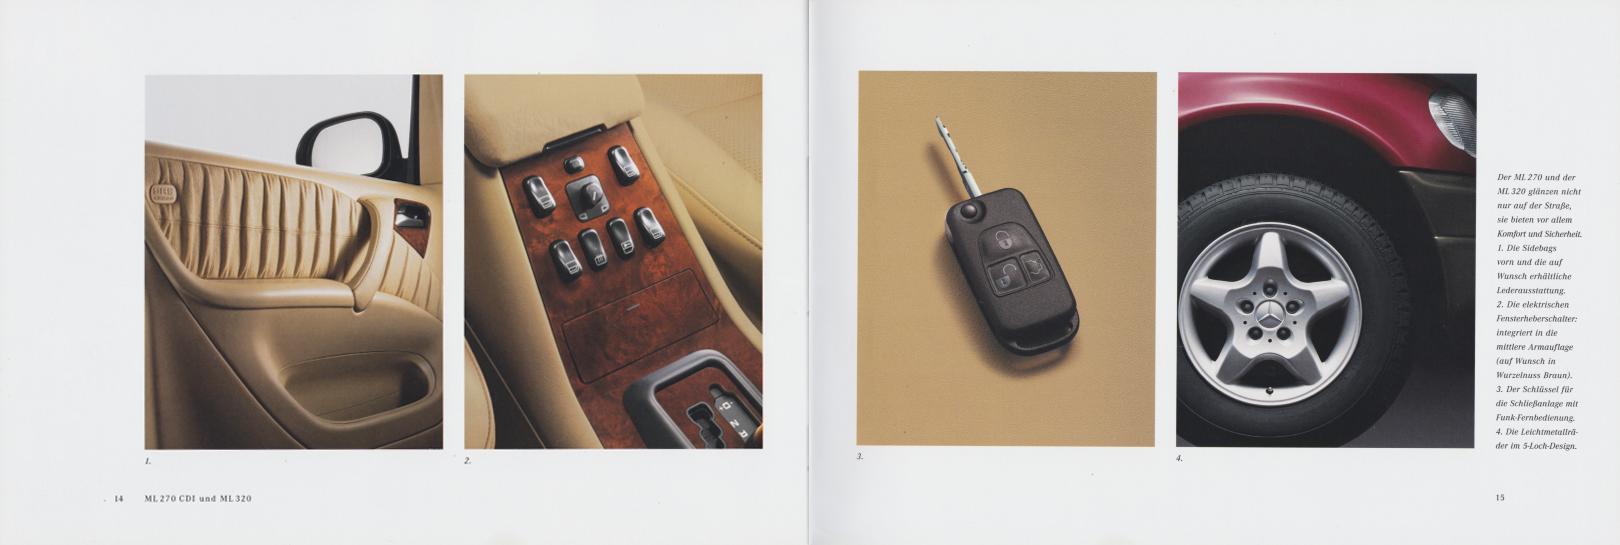 (W163): Catálogo 2000 - alemão 009